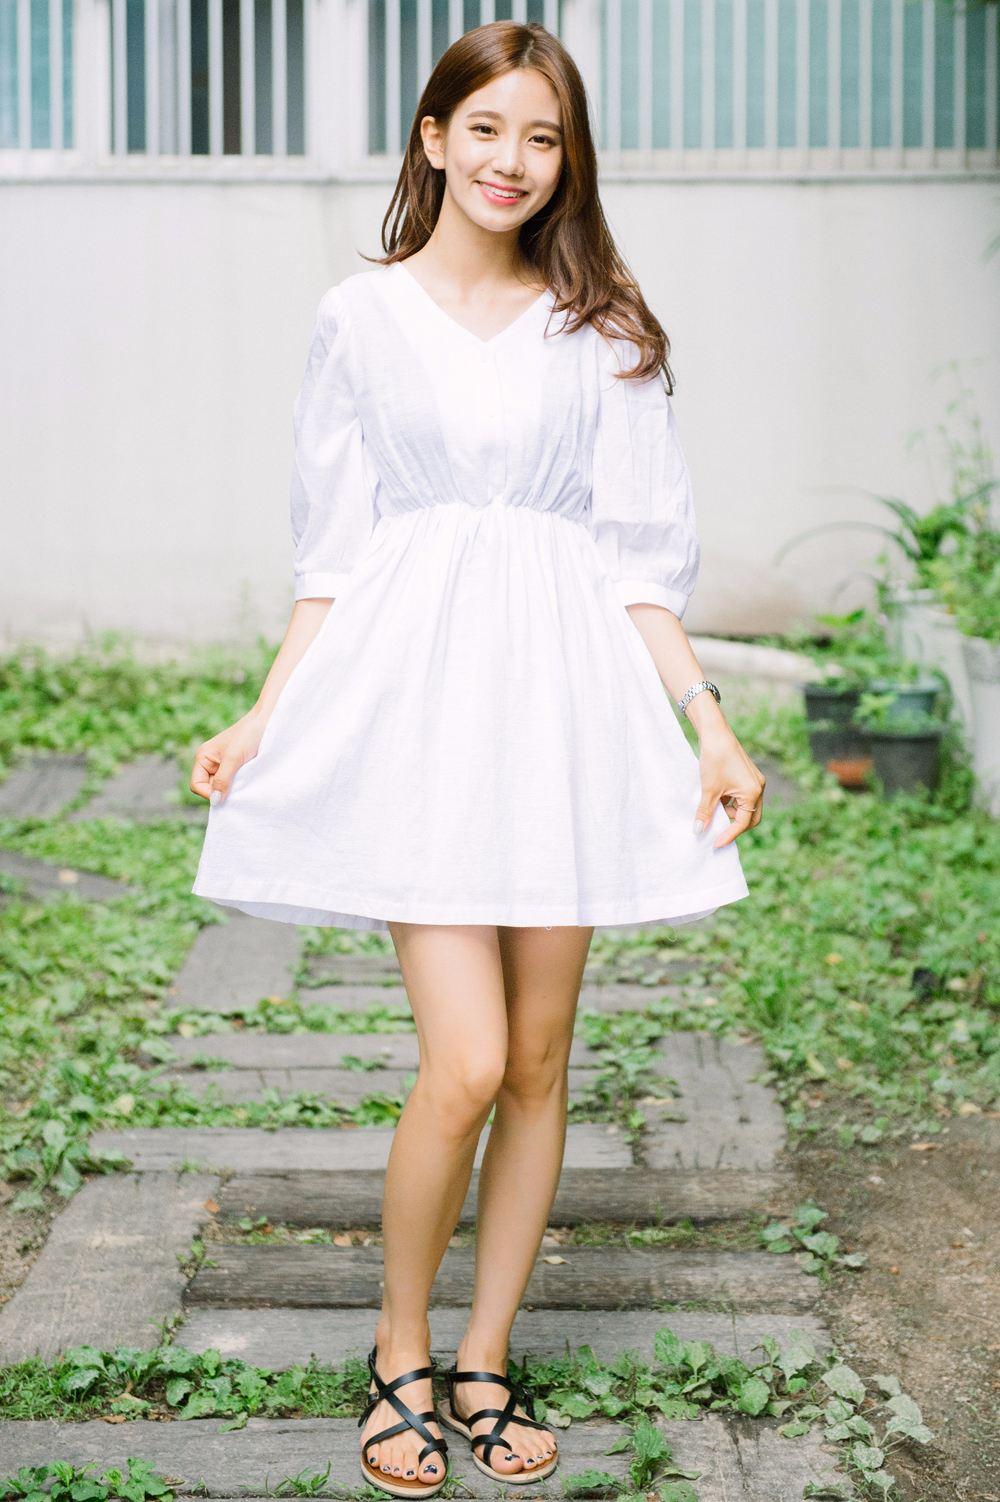 第一名:膝上10公分 摩登少女個人認為這個長度是最剛好的,也是能夠讓腿的比例看起來最好的長度。對男生而言,也是一種若隱若現的感覺,不會太過色情,但是也可以保有裙子的性感和可愛感。